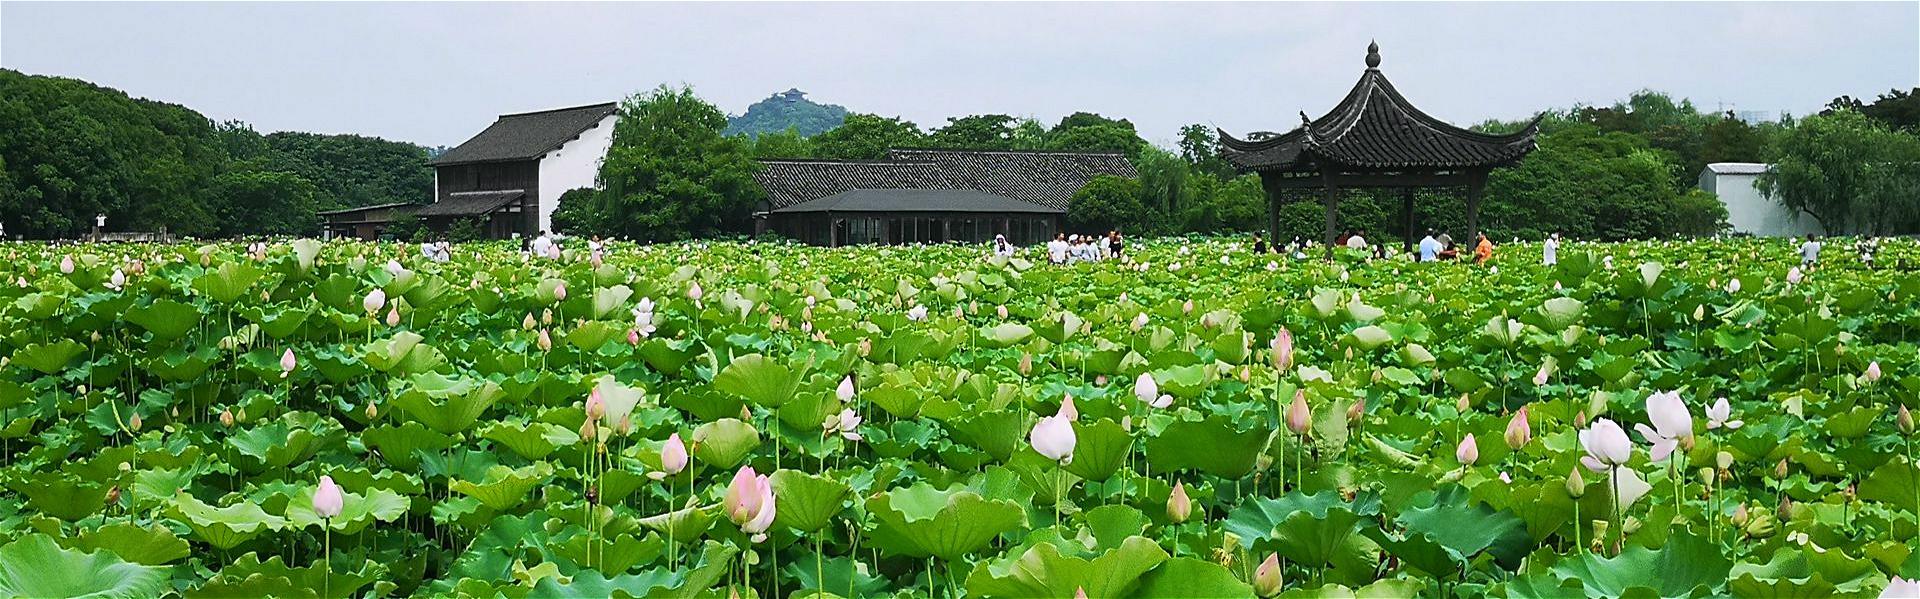 Lotus flowers bloom in Shaoxing